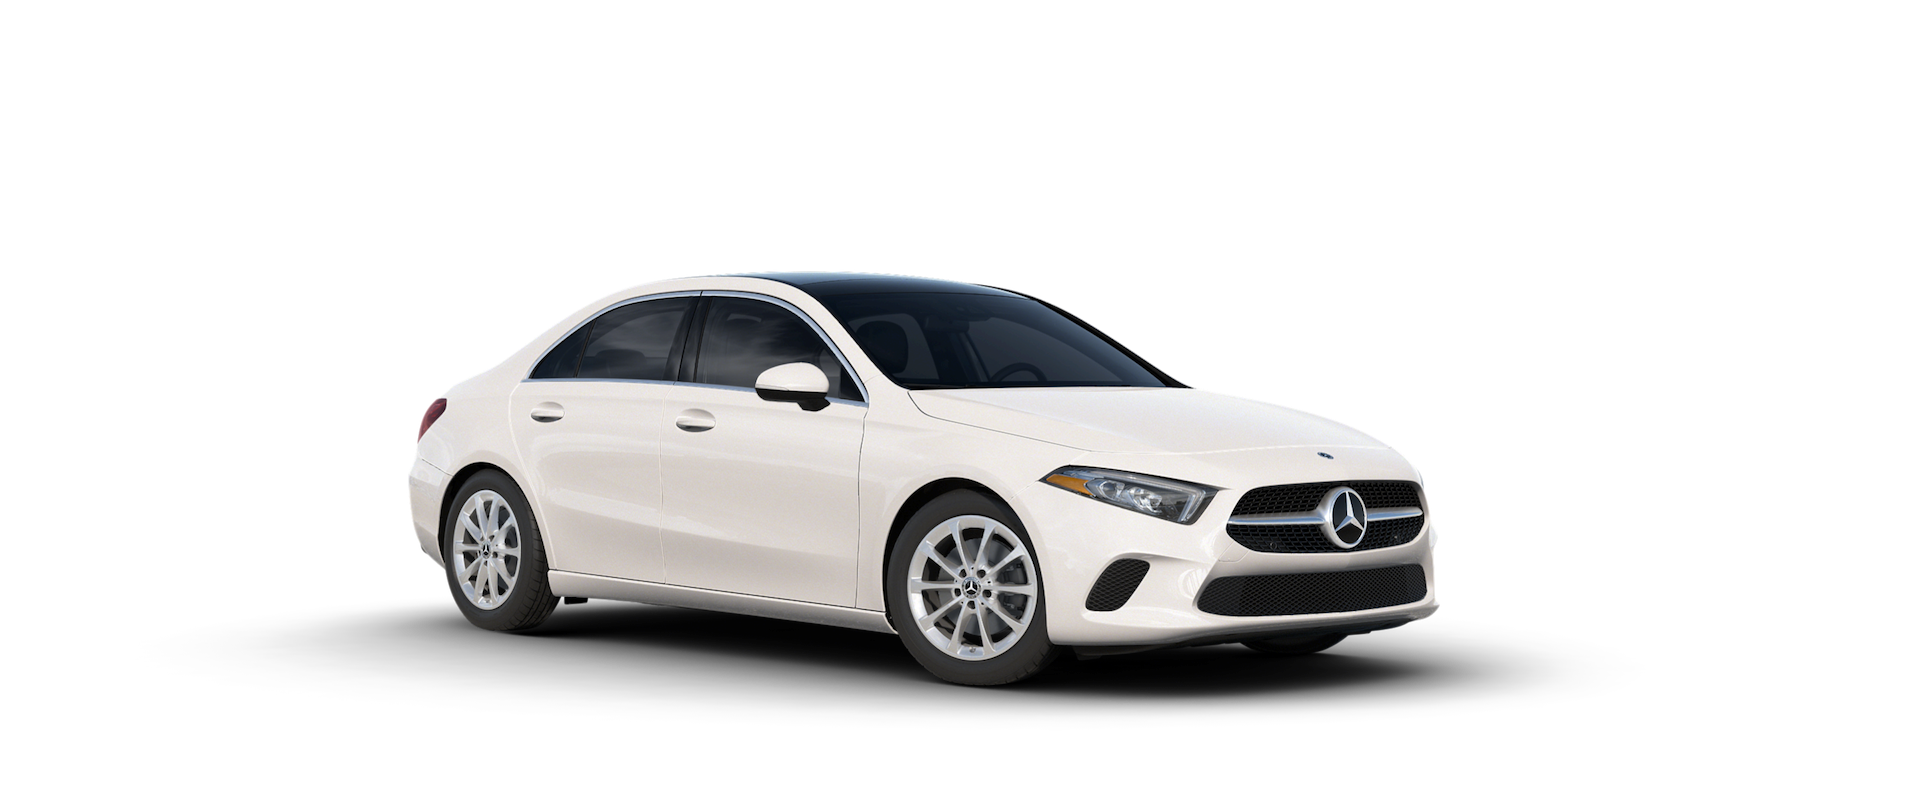 Mercedes-Benz A-Class Service Intervals